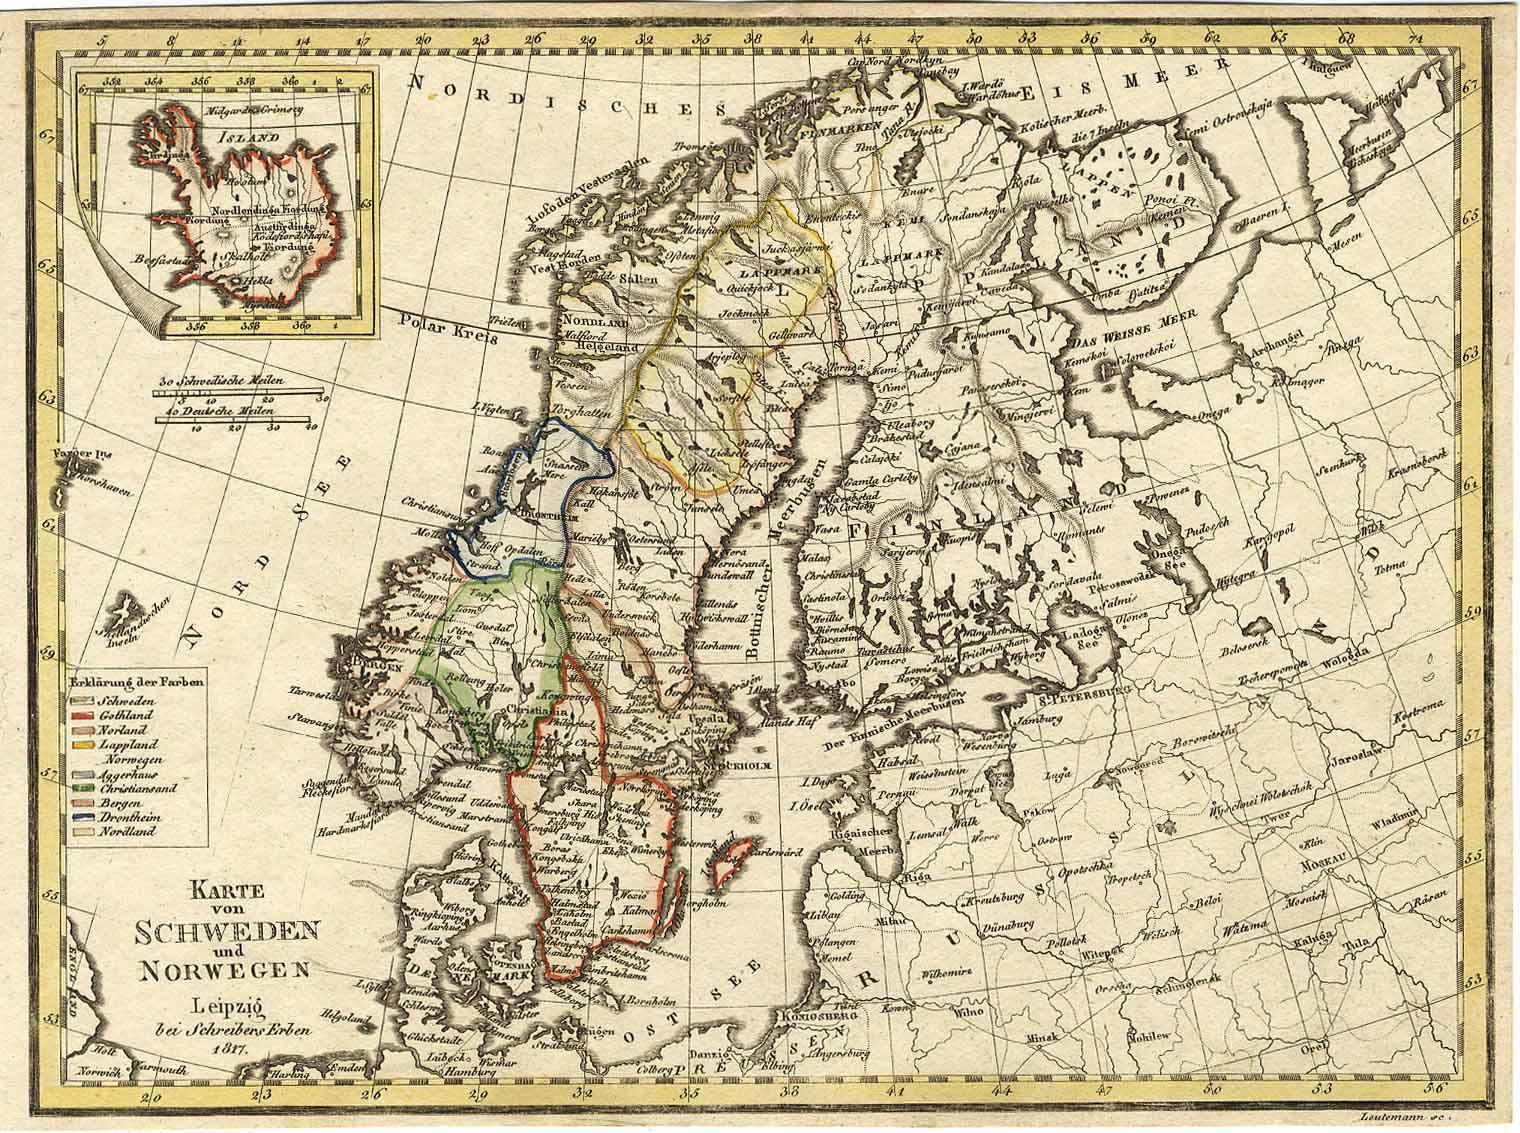 Karte Norwegen Schweden.Karte Von Schweden Und Norwegen Leipzig Bei